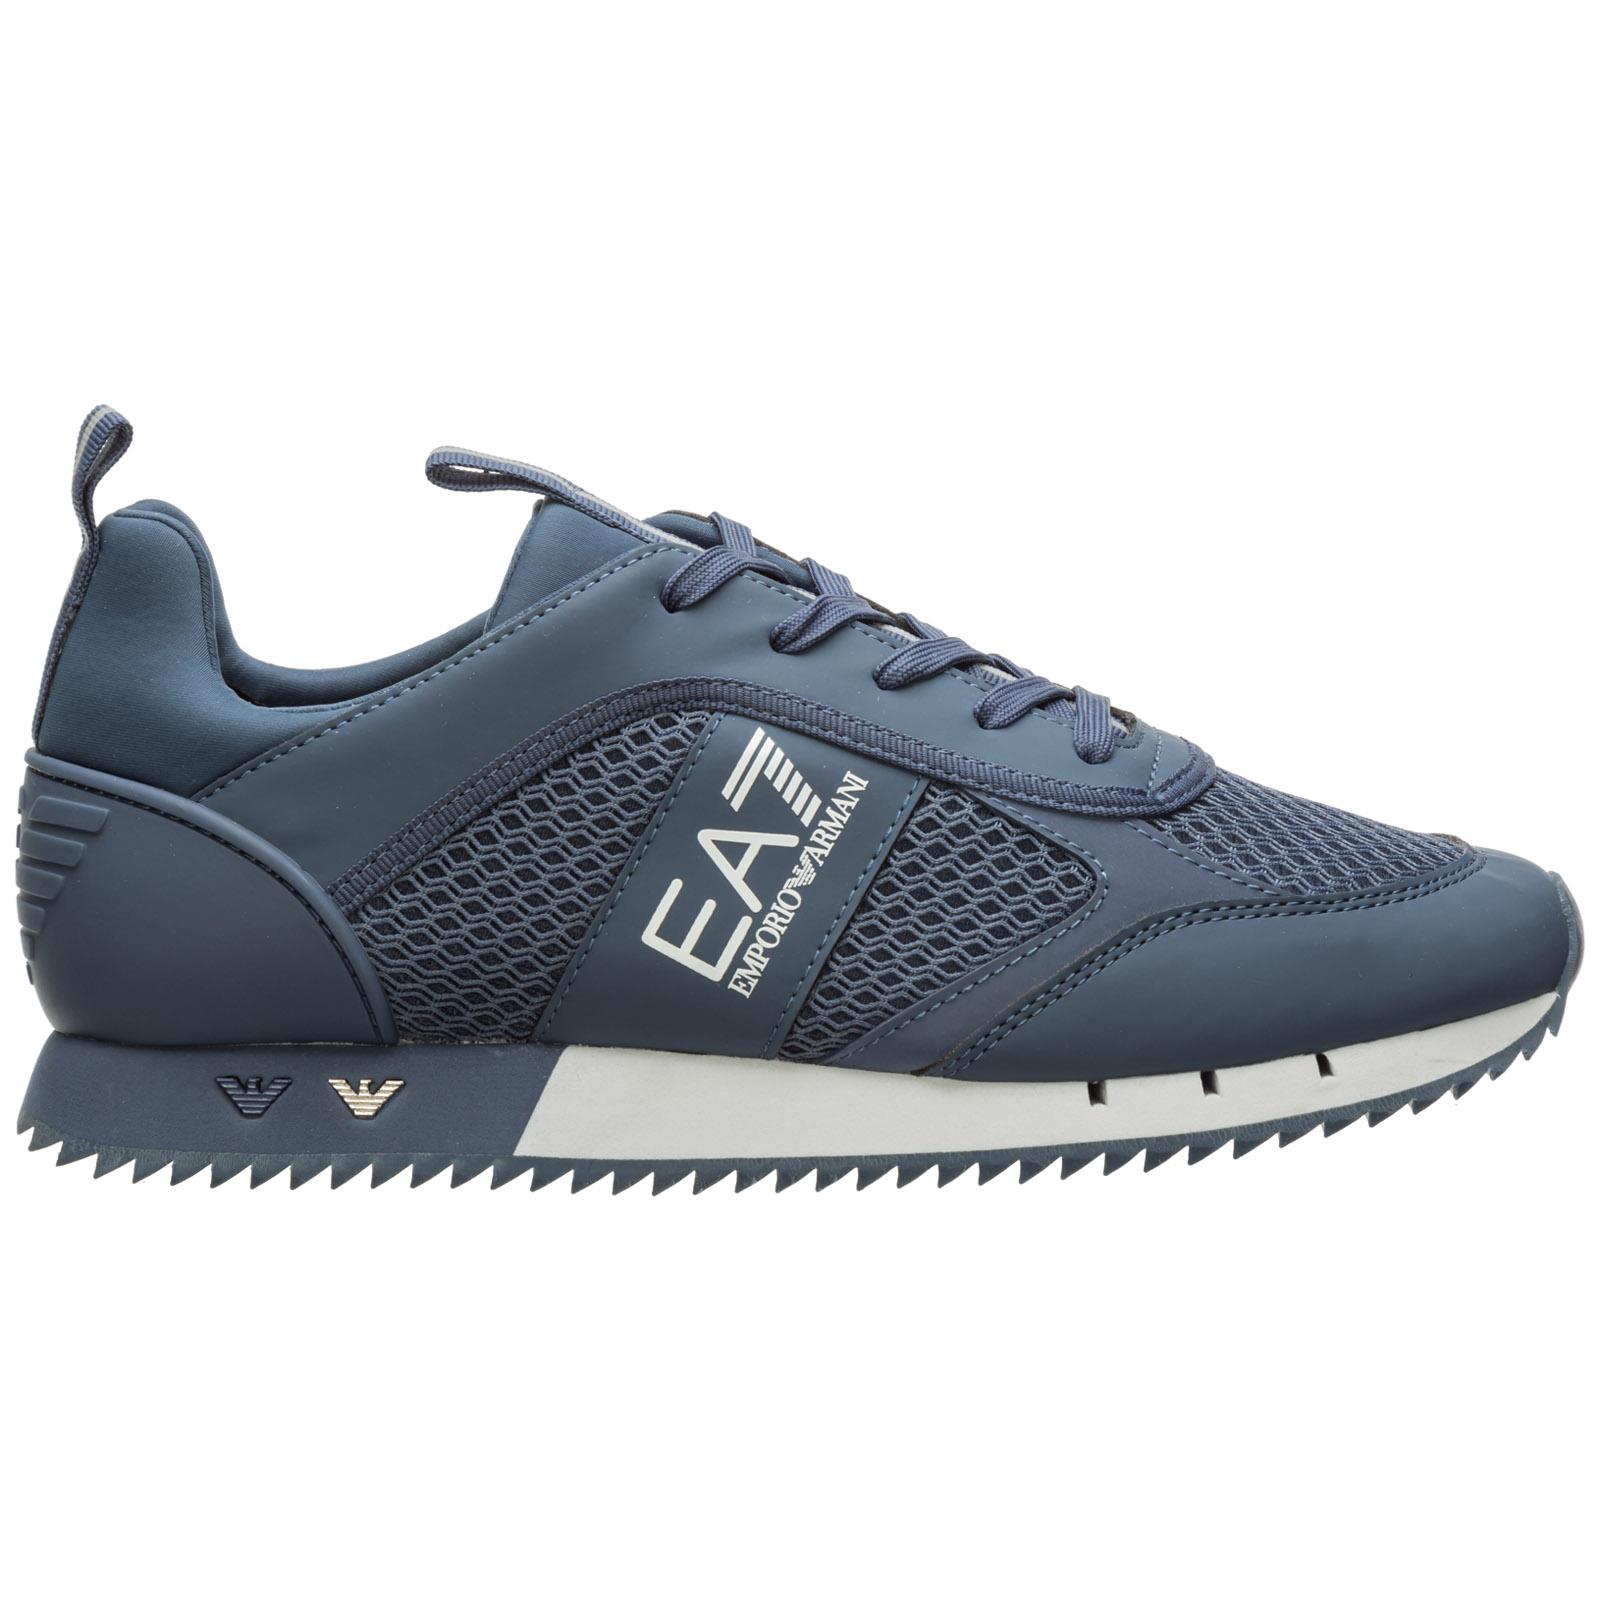 ea7 emporio armani shoes, OFF 71%,Buy!